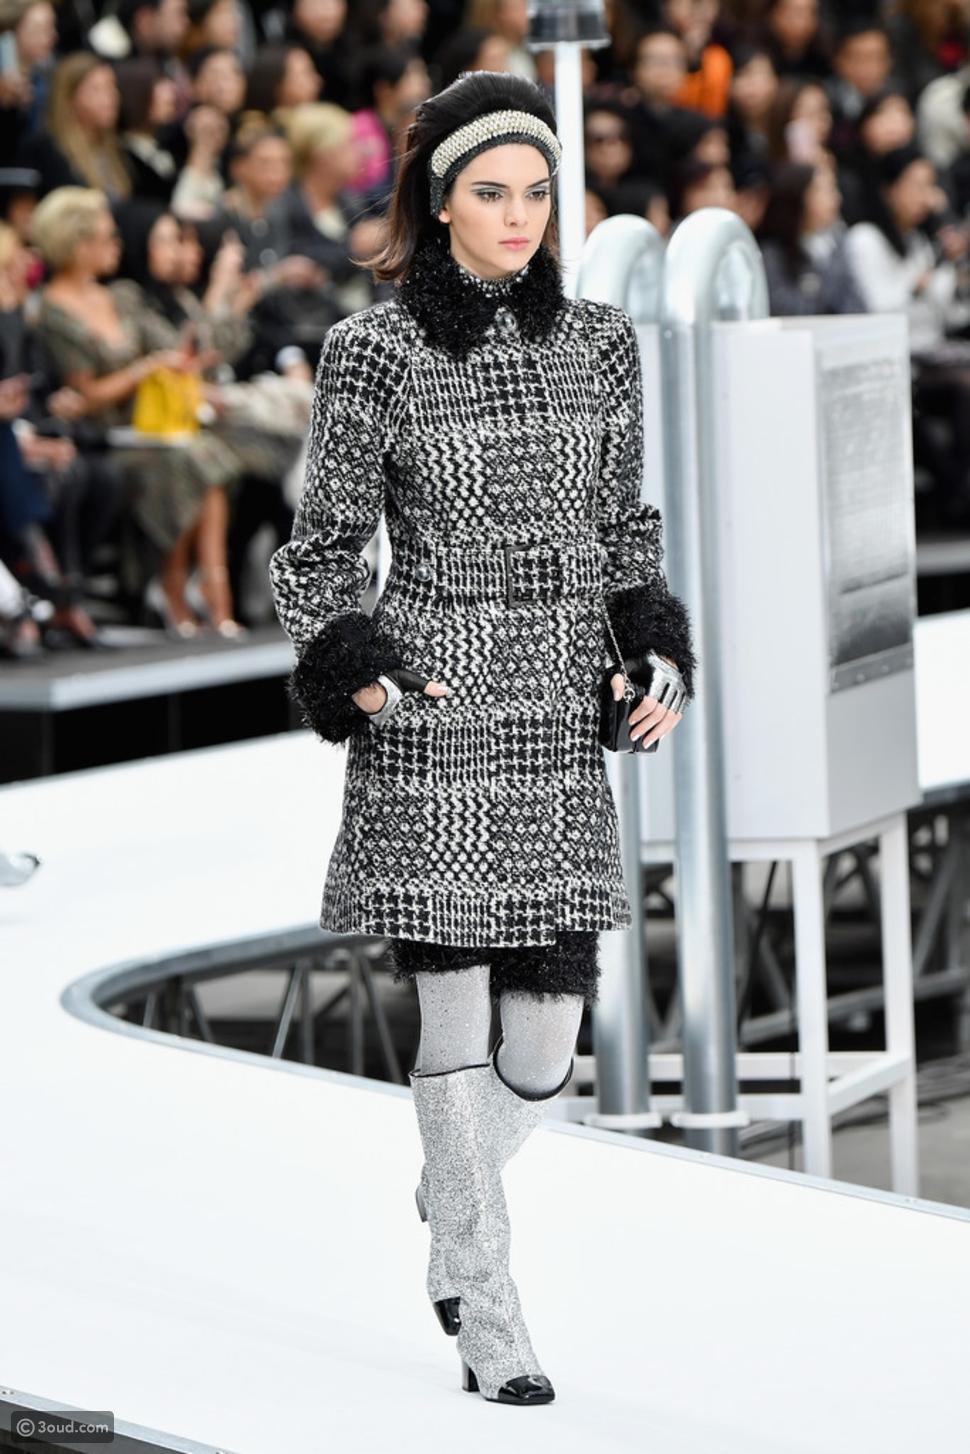 هذا ما تعلمناه عن الصيحات الجمالية من اسبوع الموضة في باريس